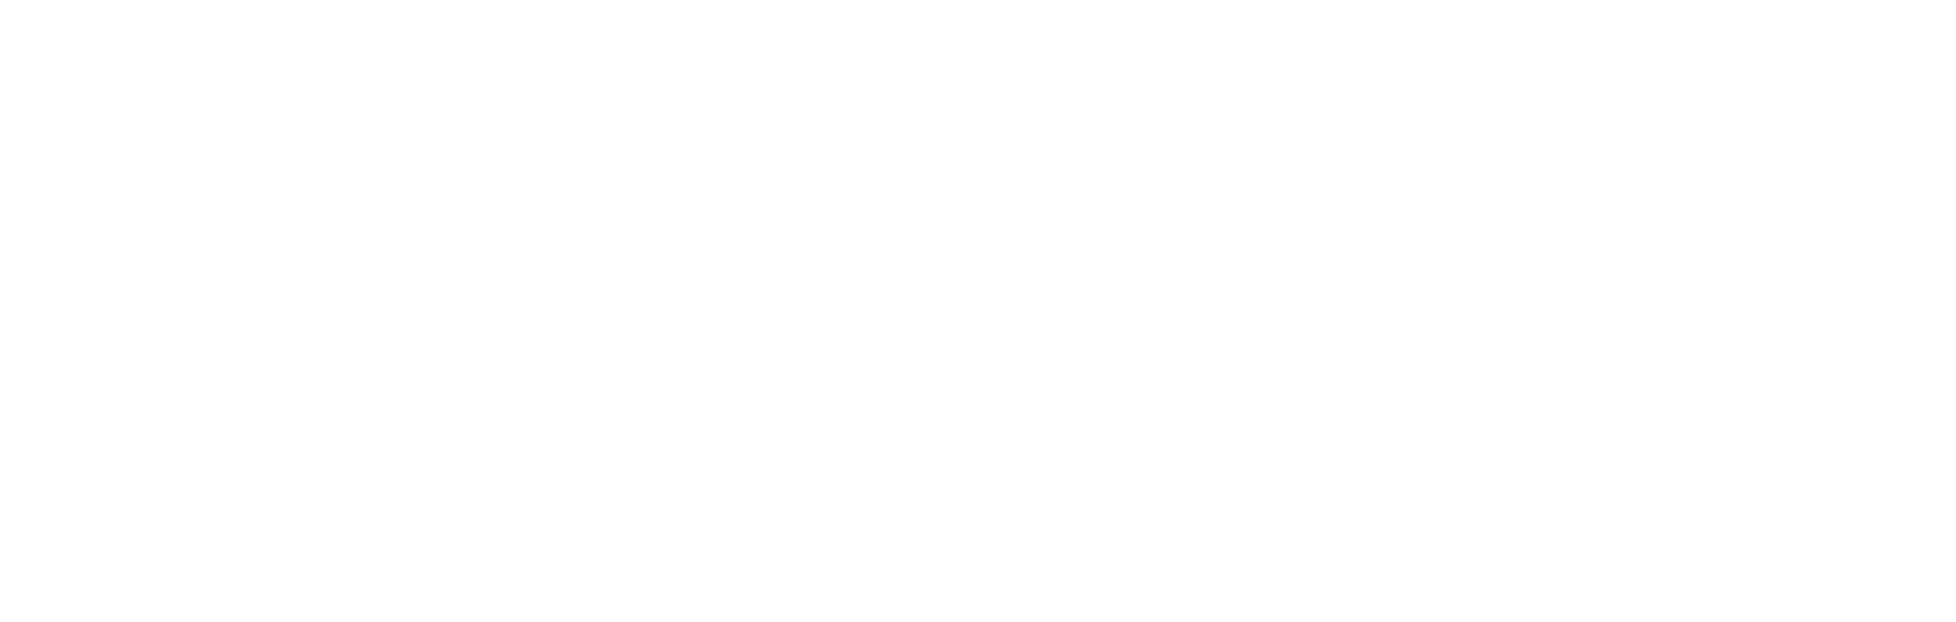 Birdfeeder_Logo.png